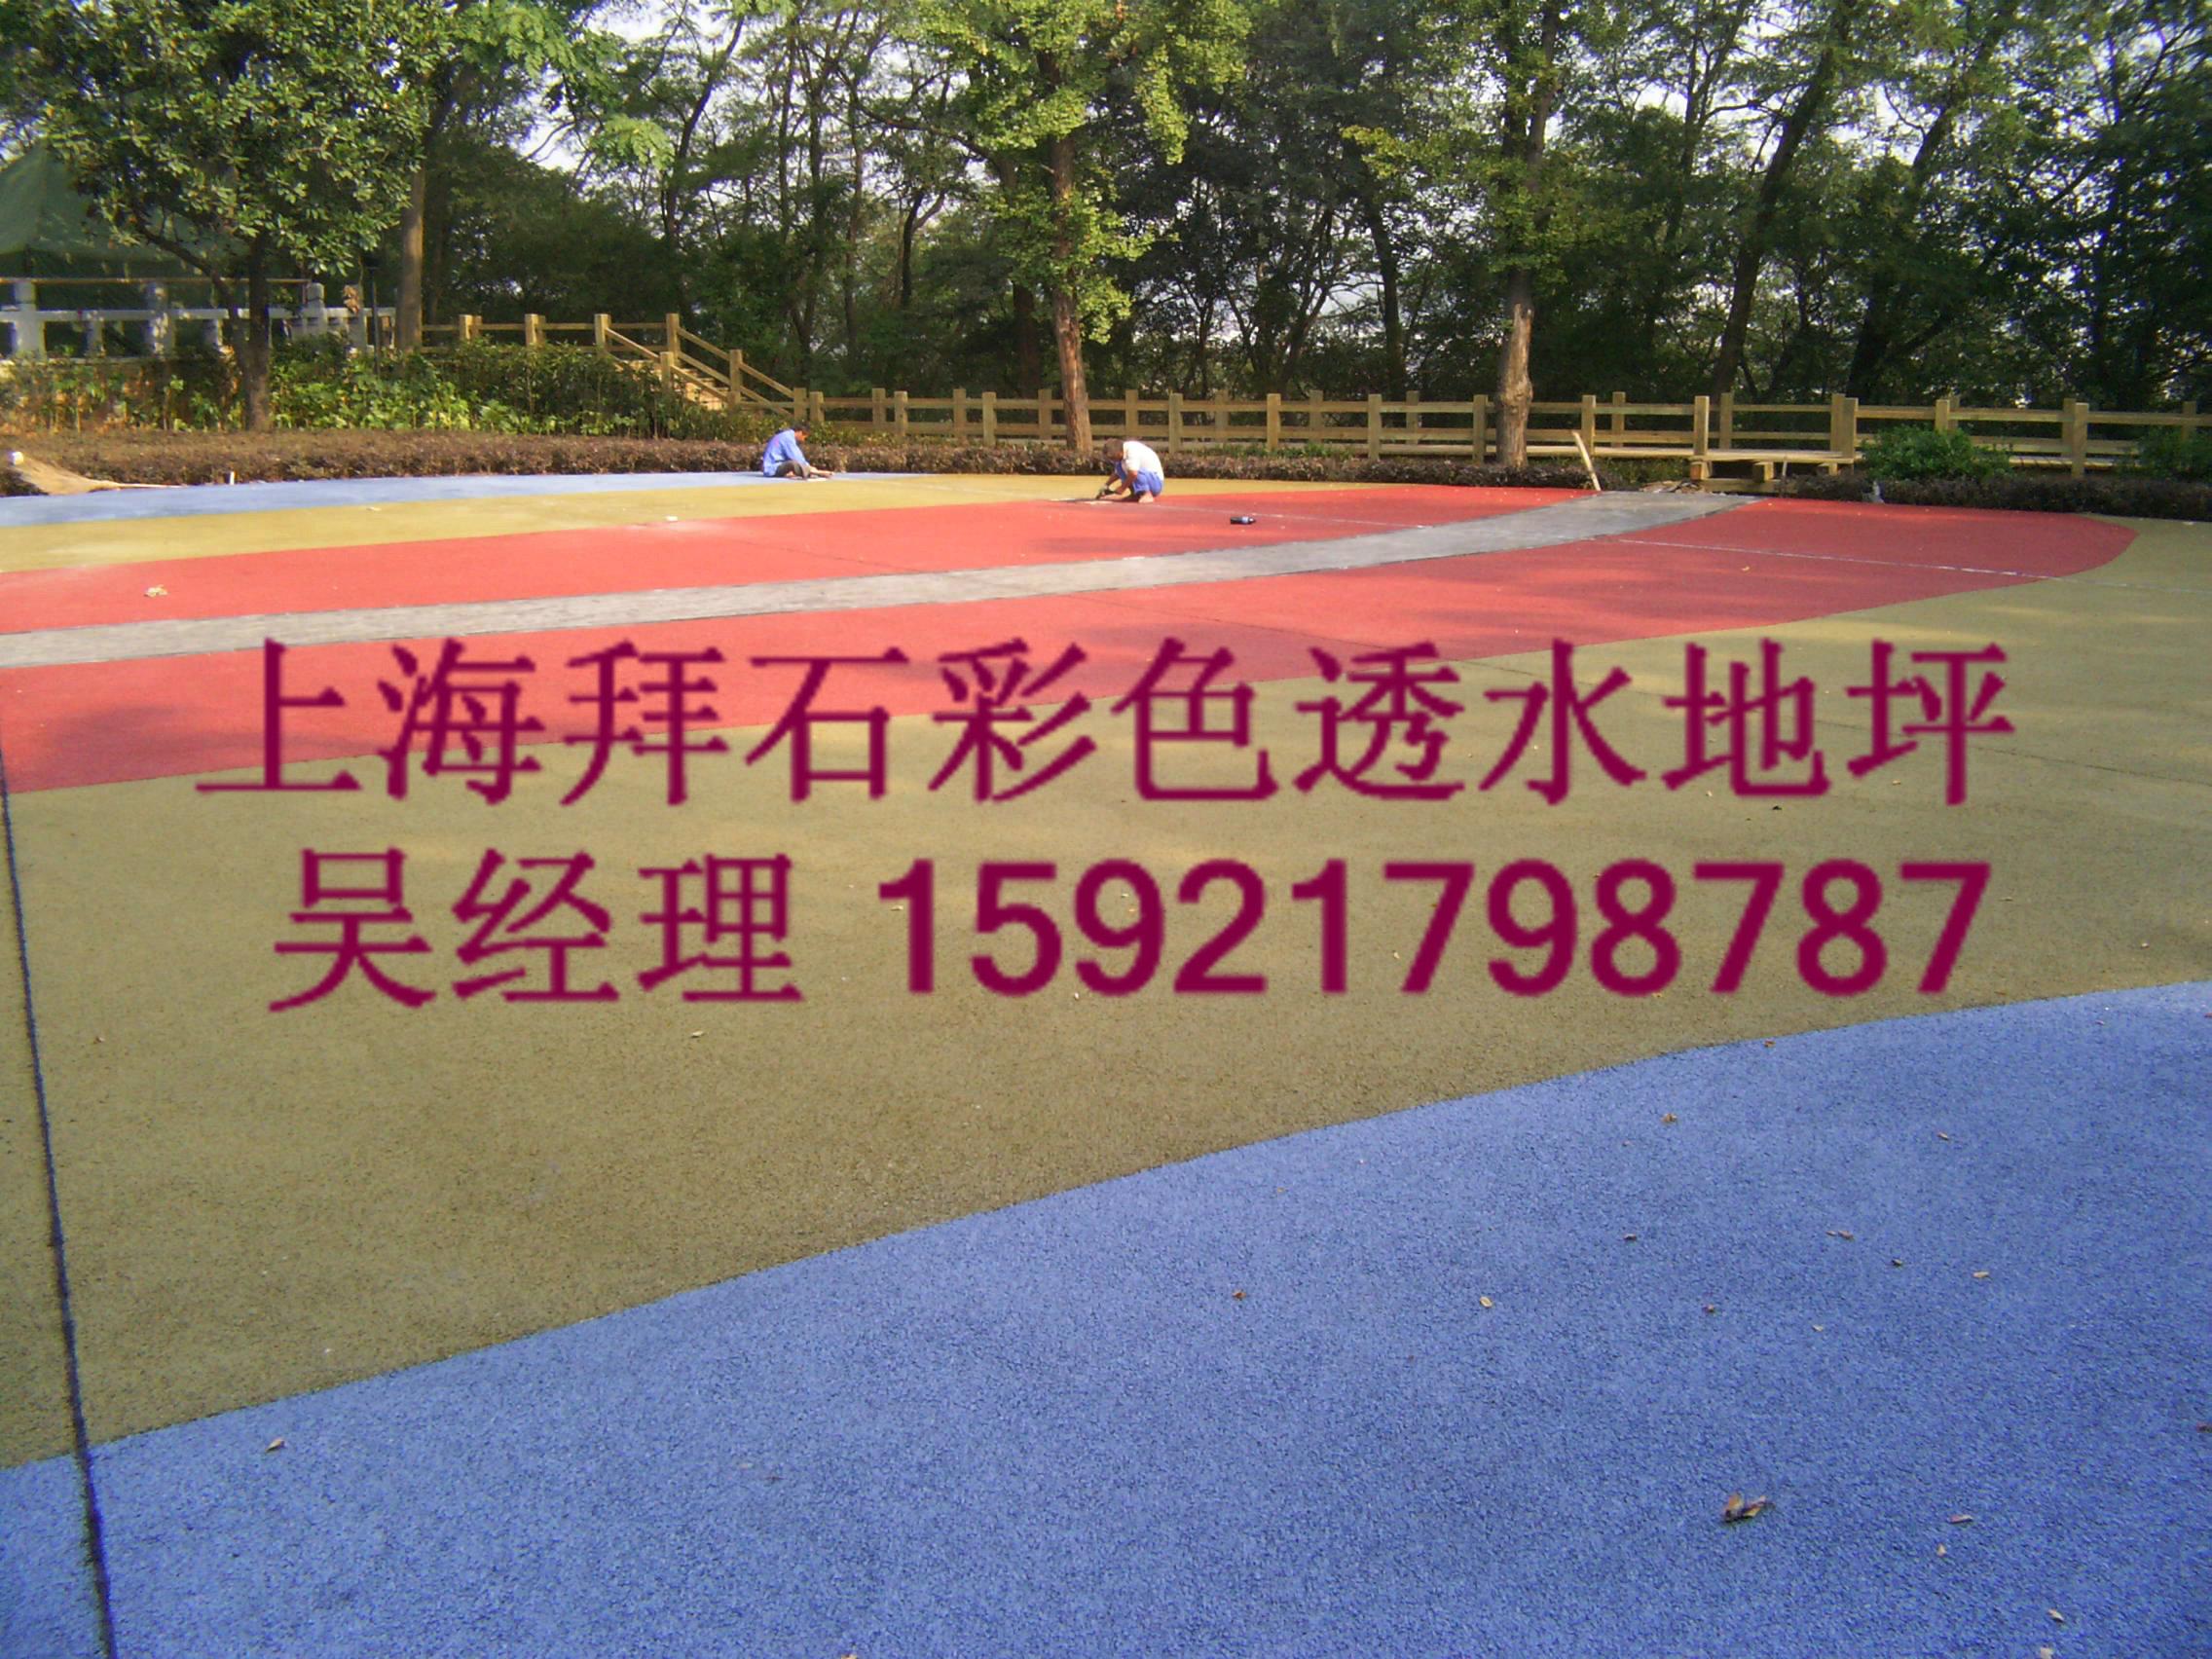 供应公园广场 彩色透水地坪/彩色混凝土